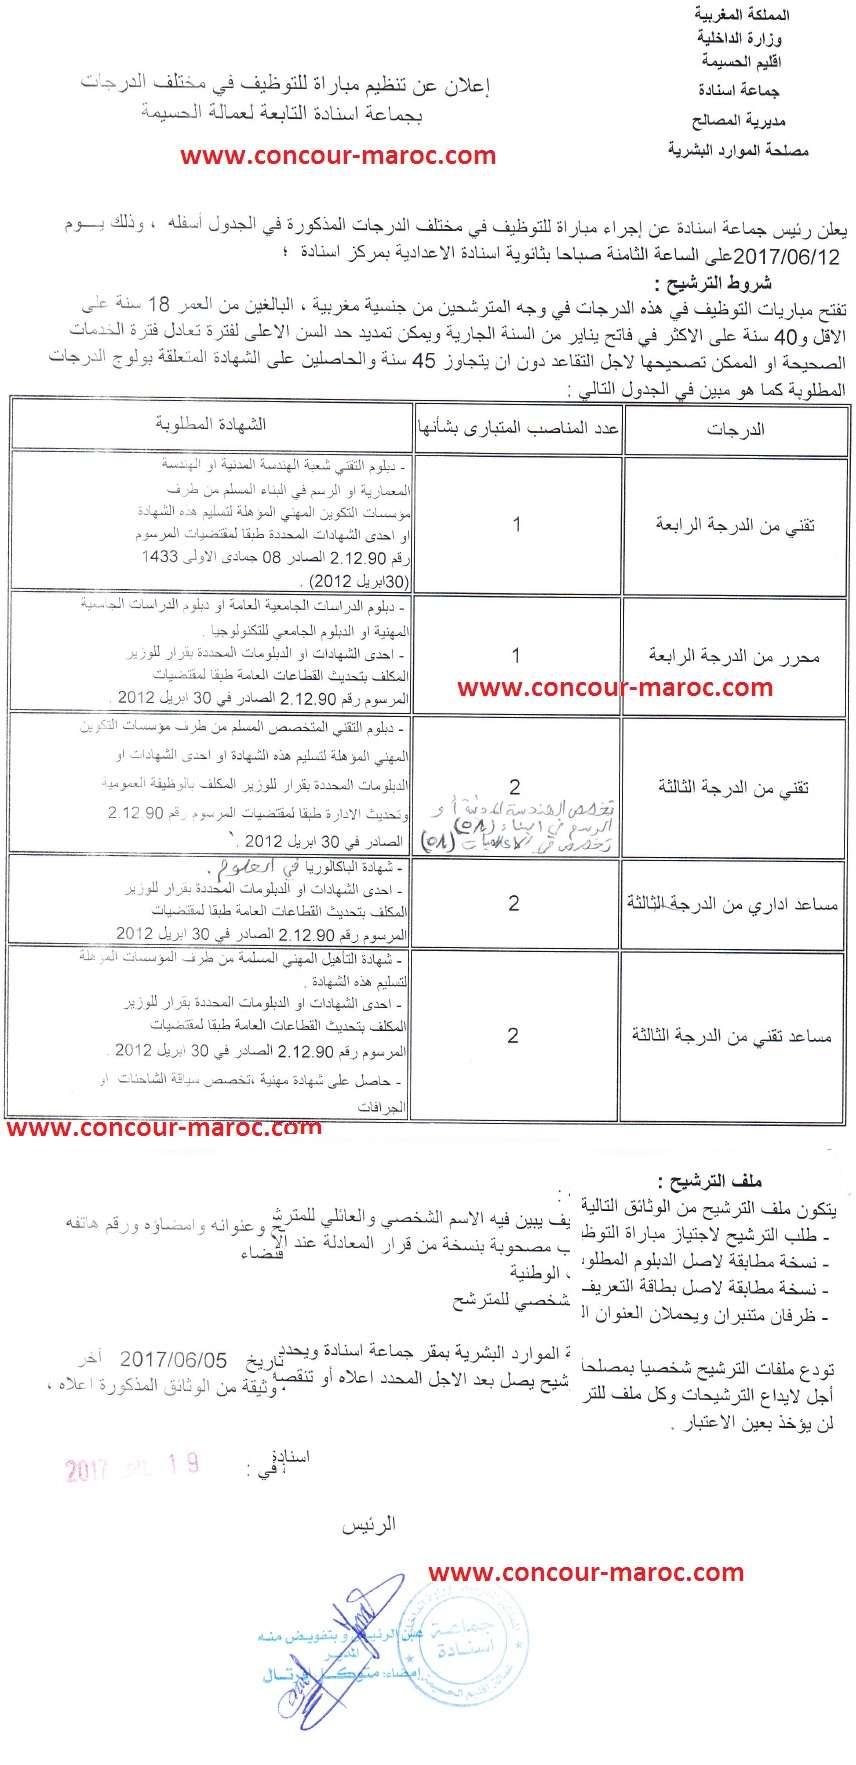 جماعة سنادة (إقليم الحسيمة) : مباراة توظيف في مختلف الدرجات (08 مناصب) آخر أجل لإيداع الترشيحات 5 يونيو 2017 Conco112